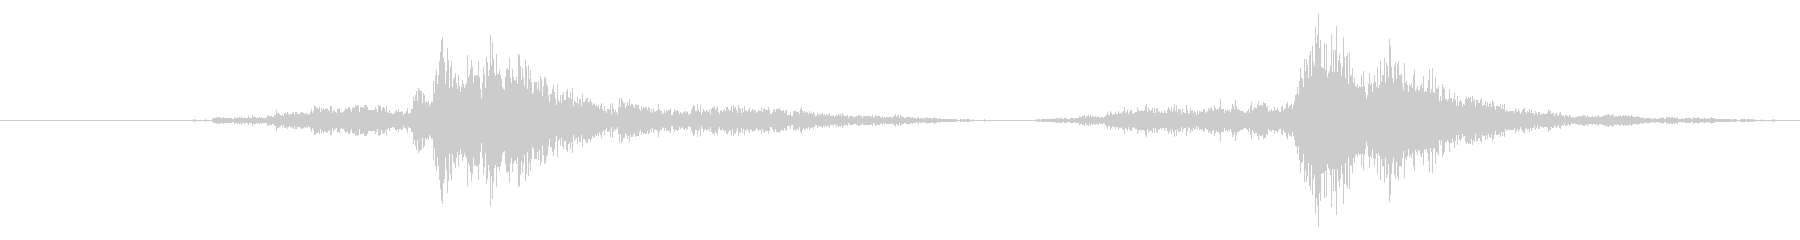 スチール缶貯金箱を振る音(小2回)の未再生の波形